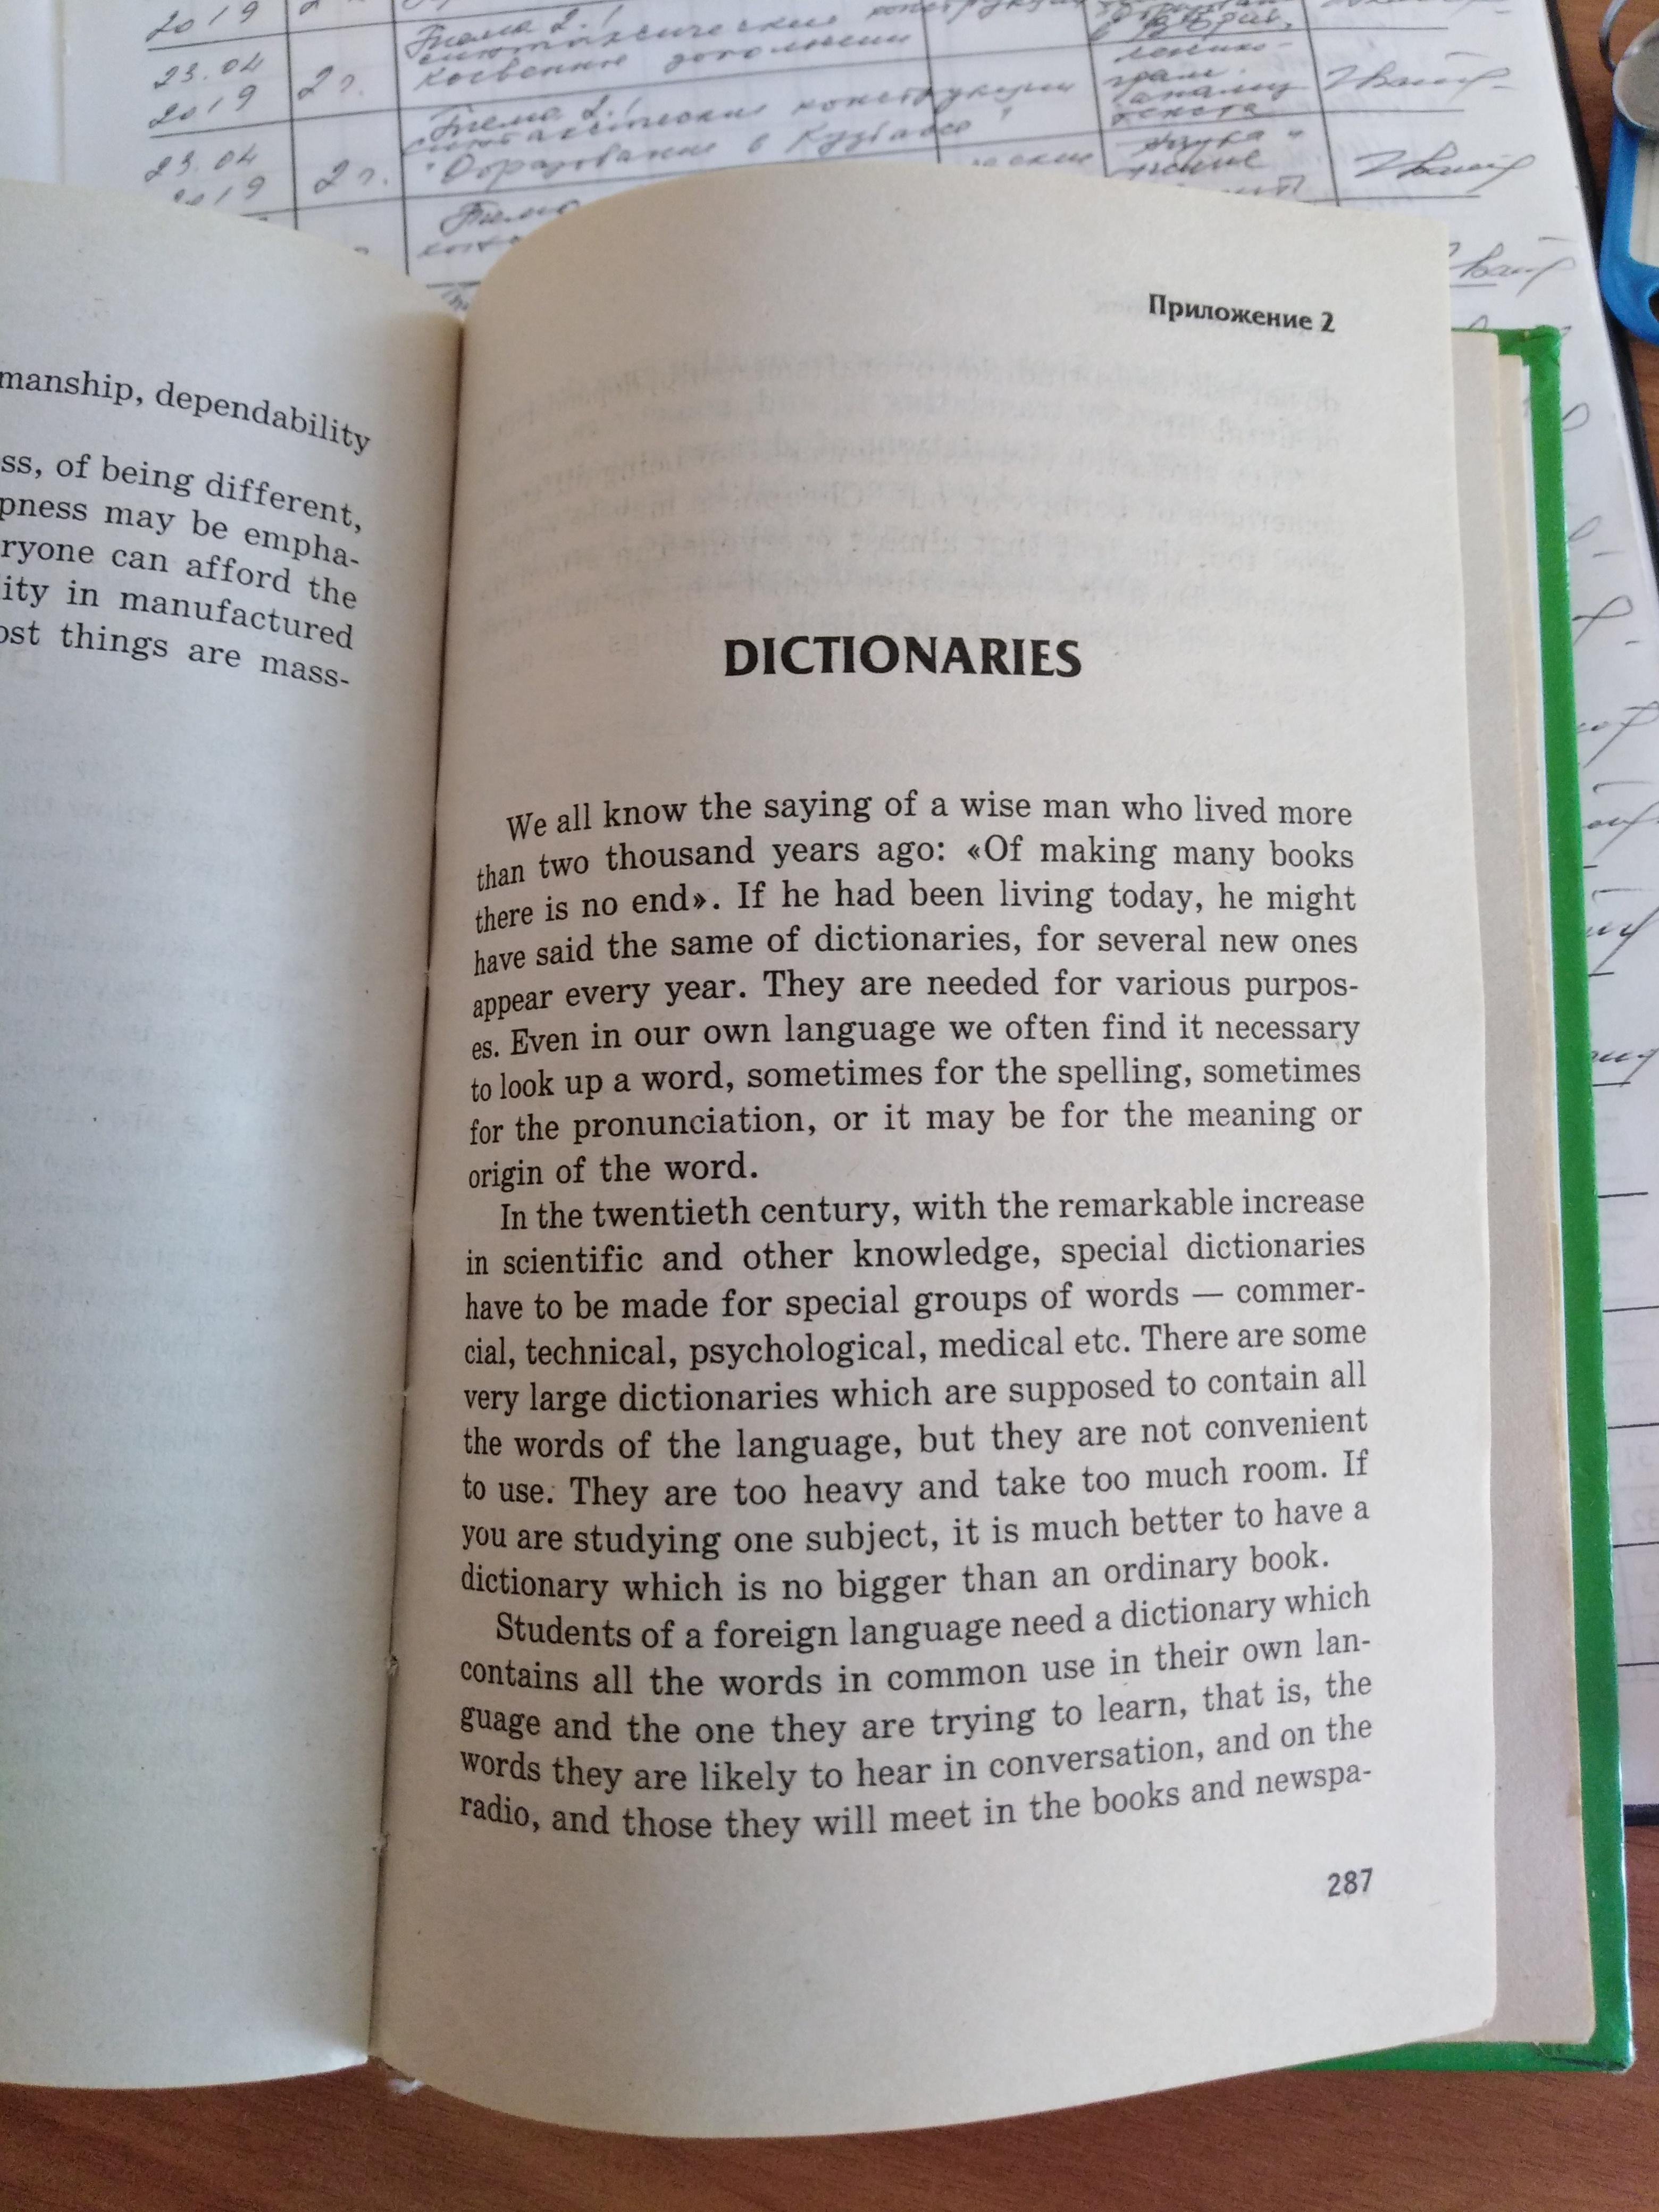 Пожалуйста помогите перевод